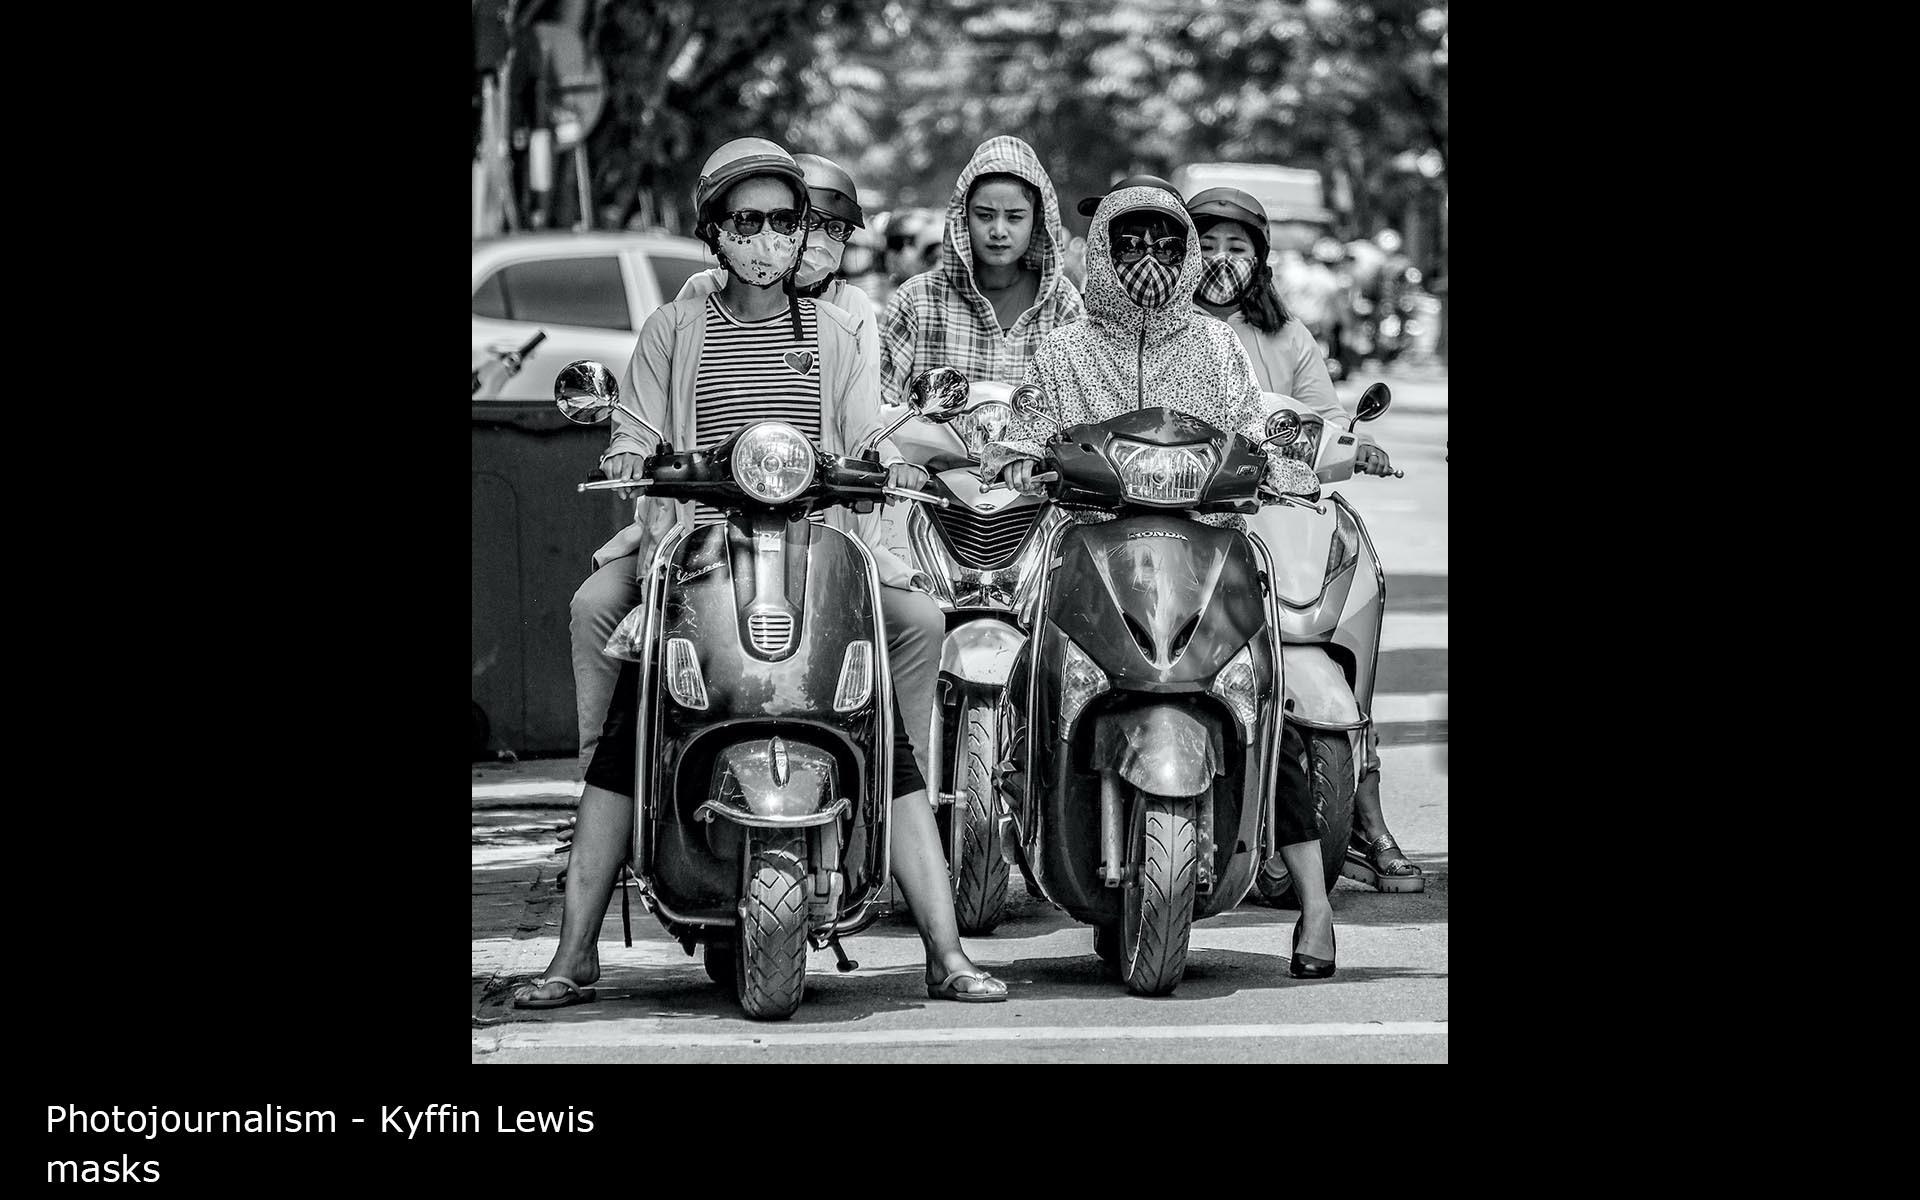 masks - Kyffin Lewis